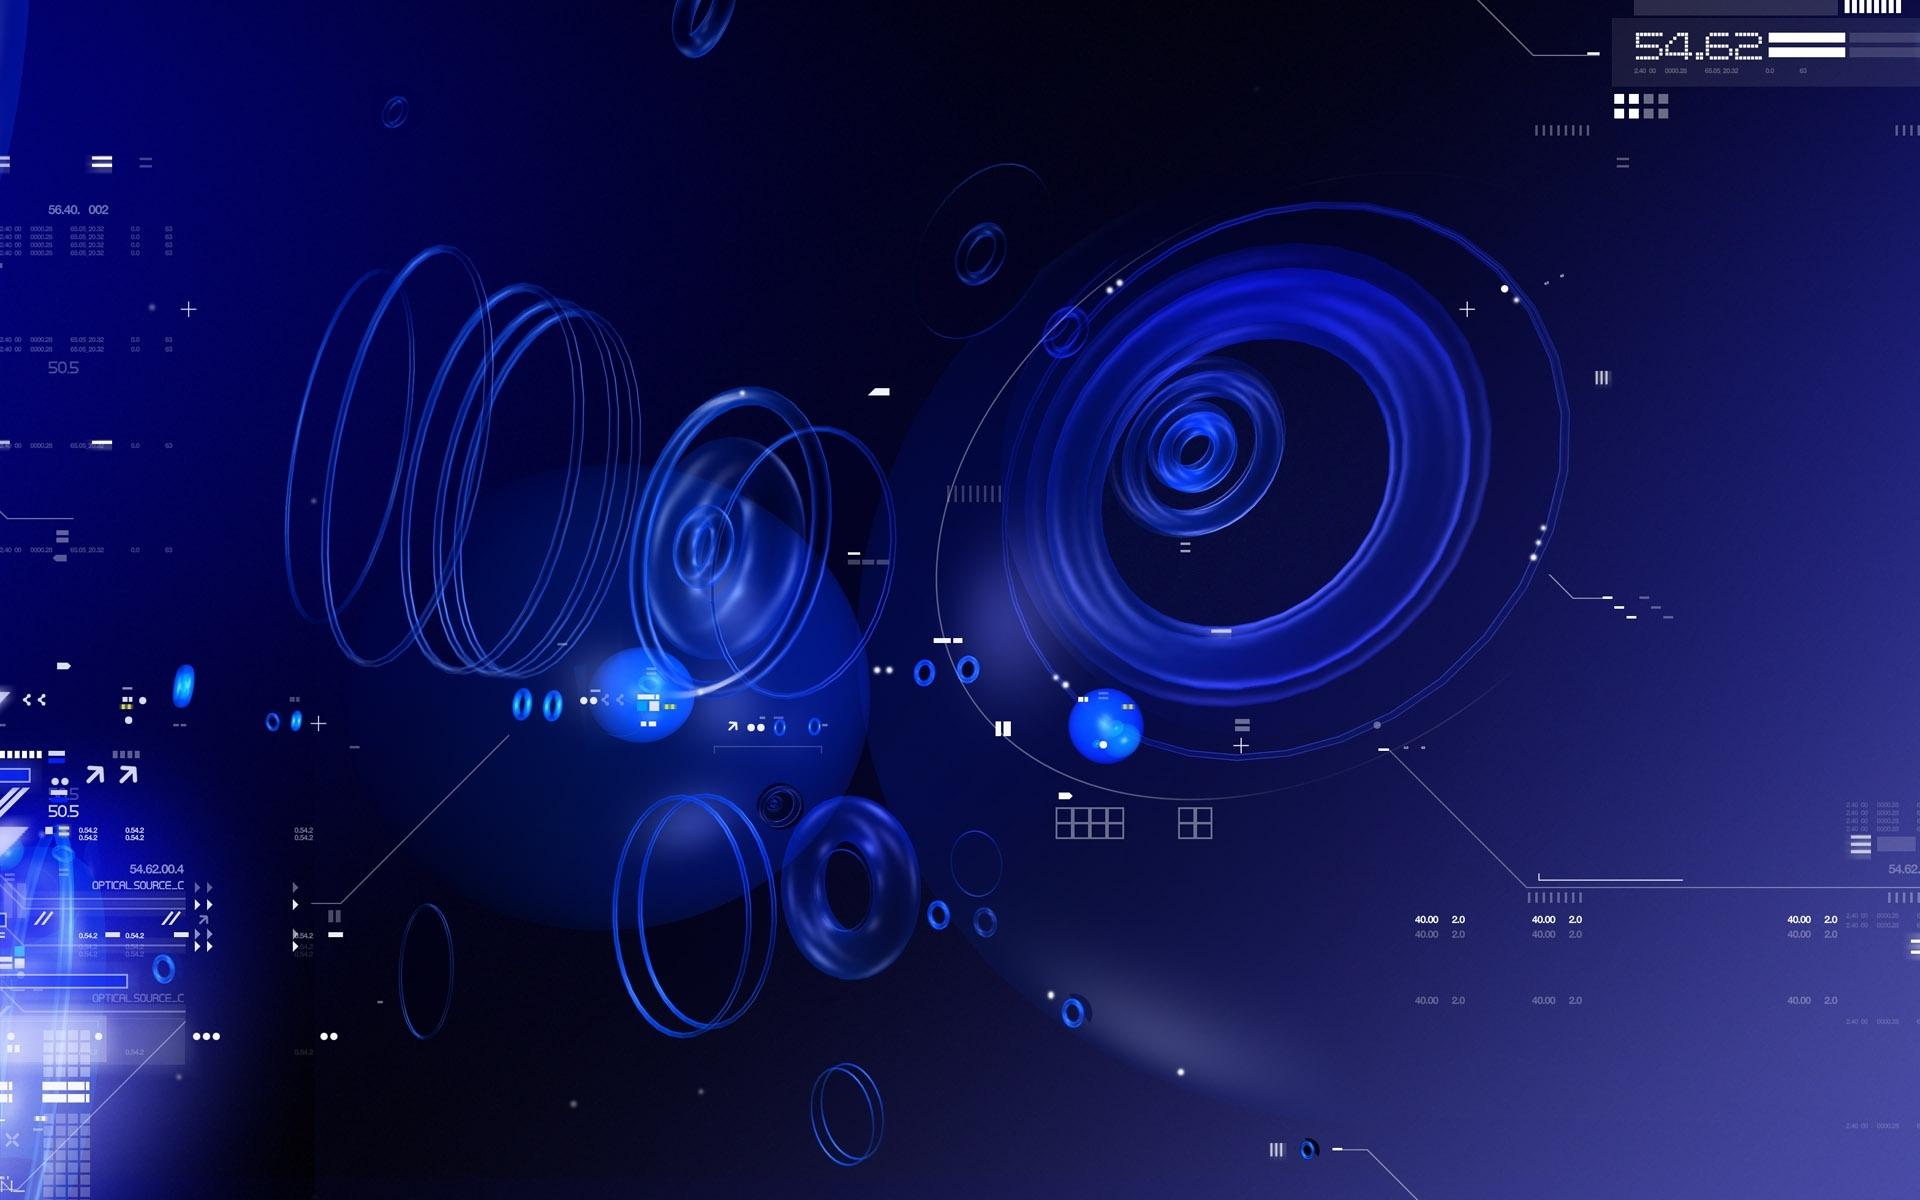 Cool Blue Abstract HD Desktop Wallpaper 1920x1200